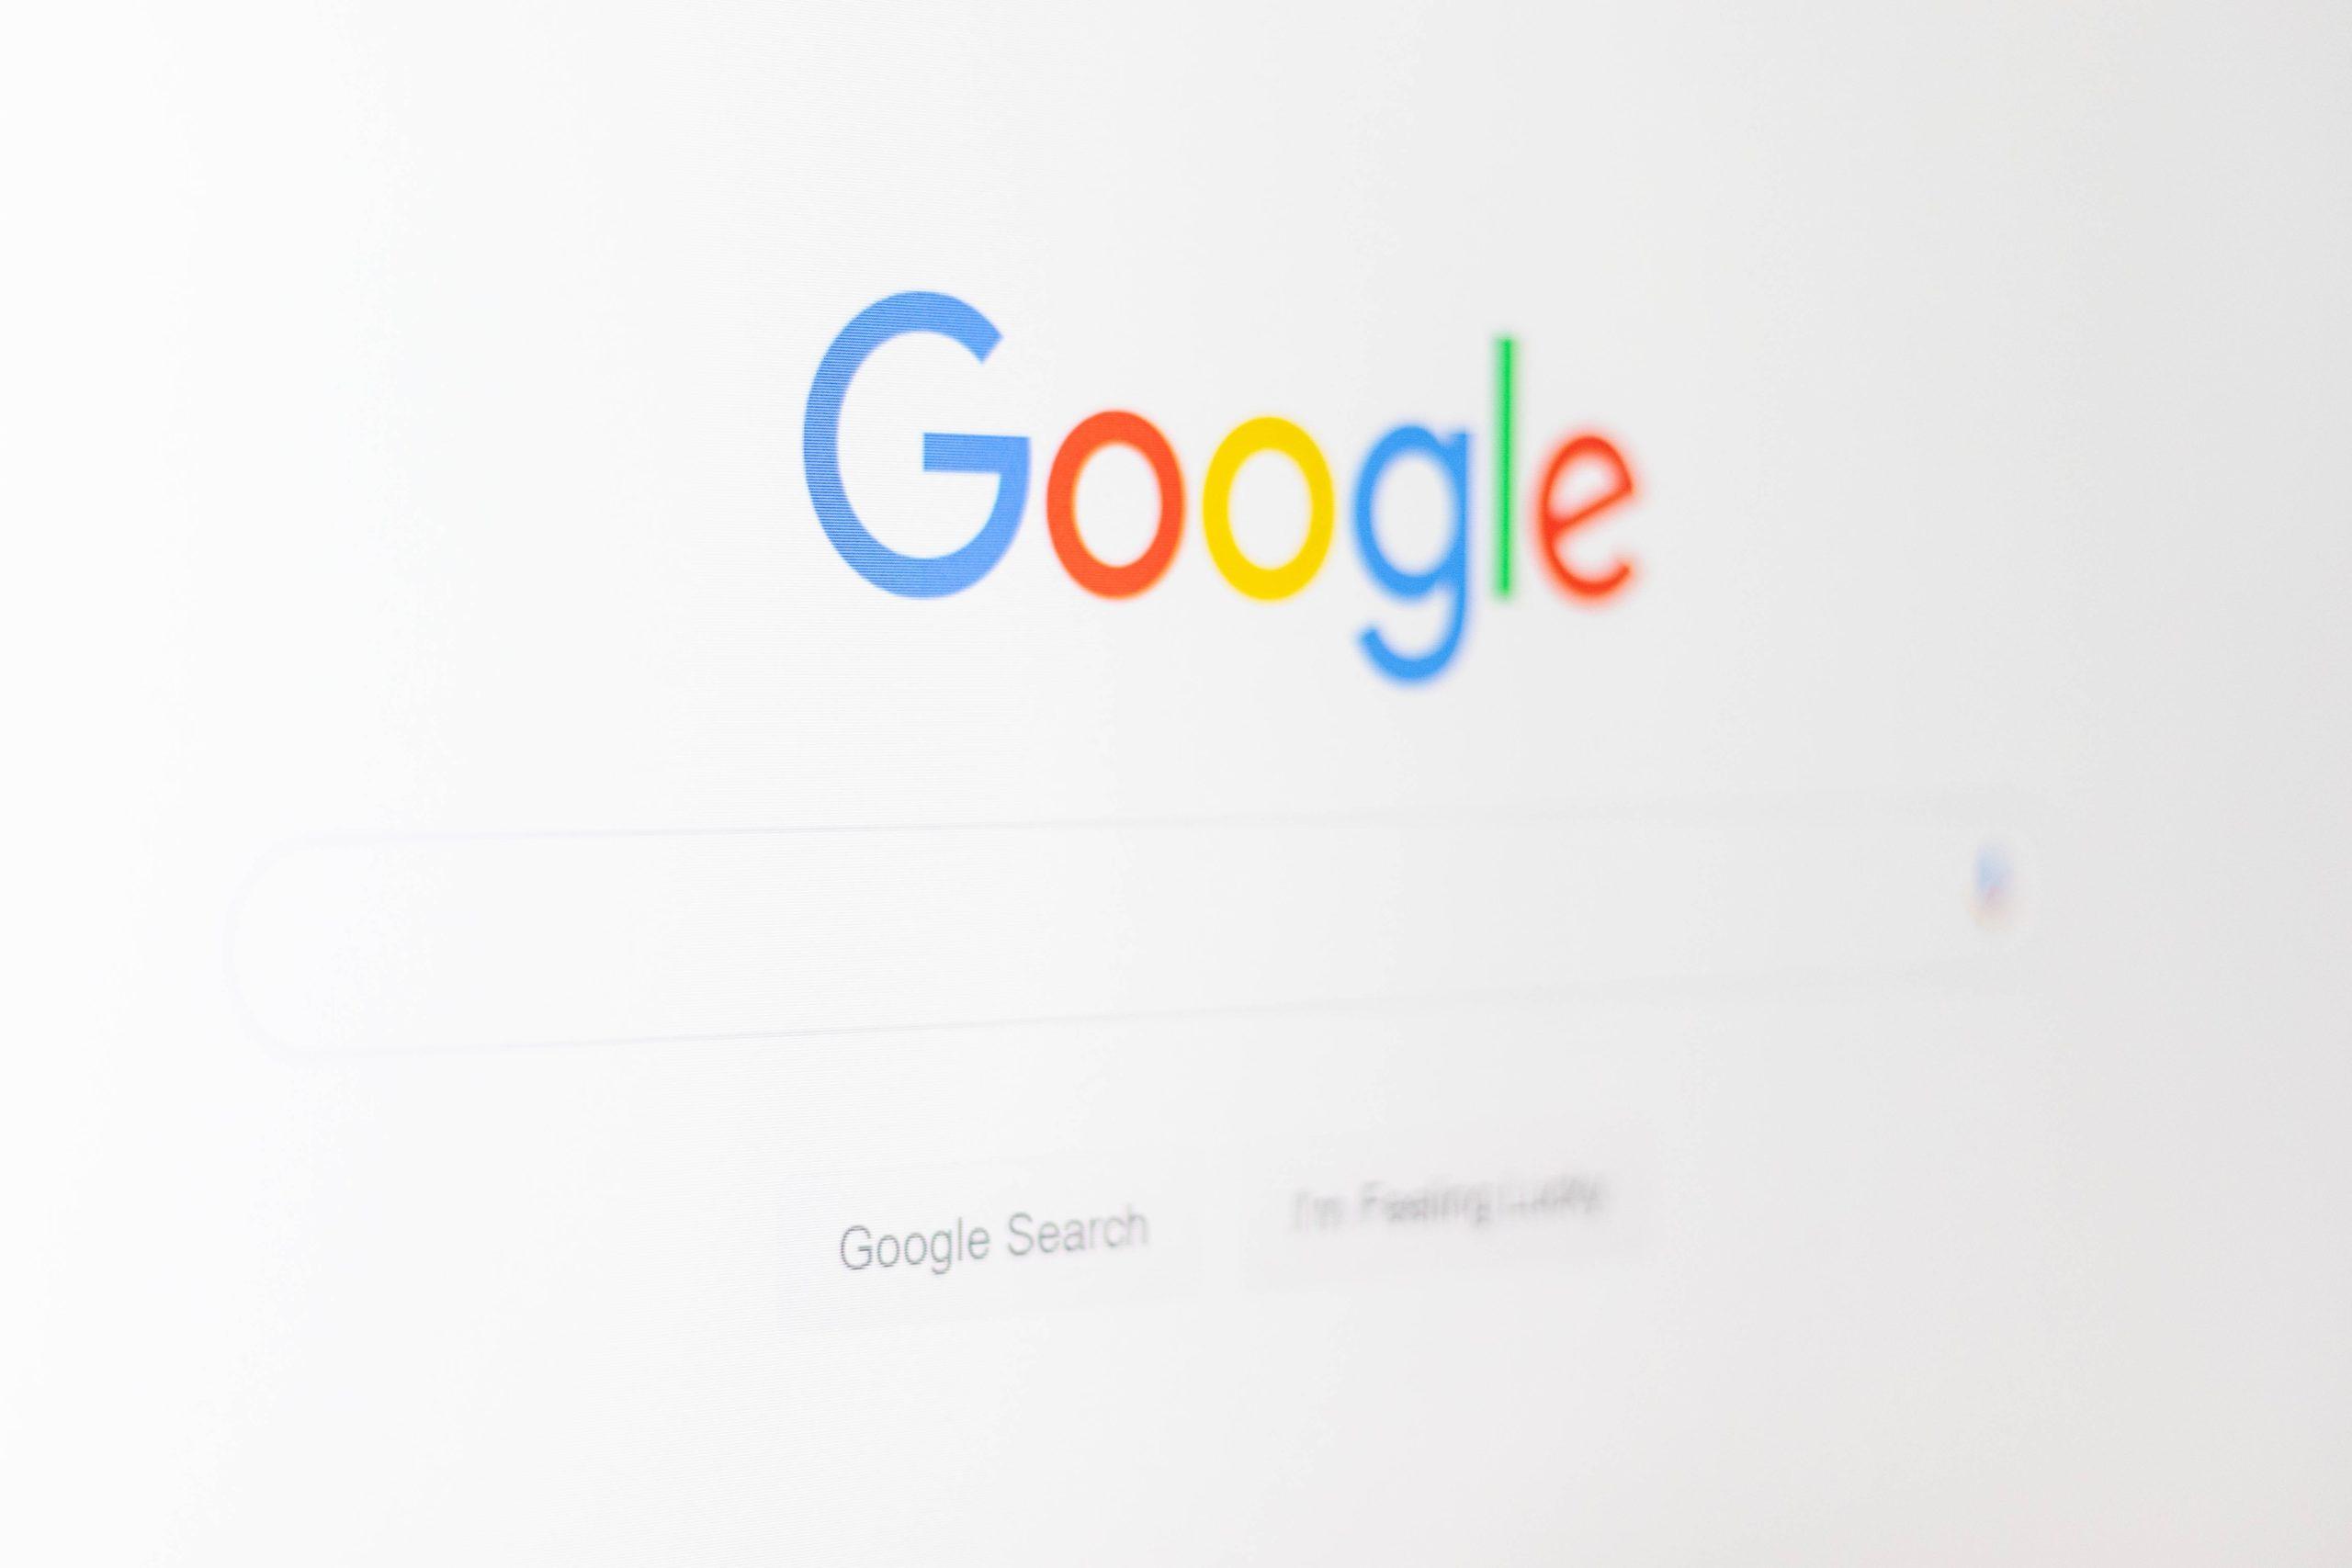 SEO対策の基本【Googleに好かれることばかりを考えるな!】